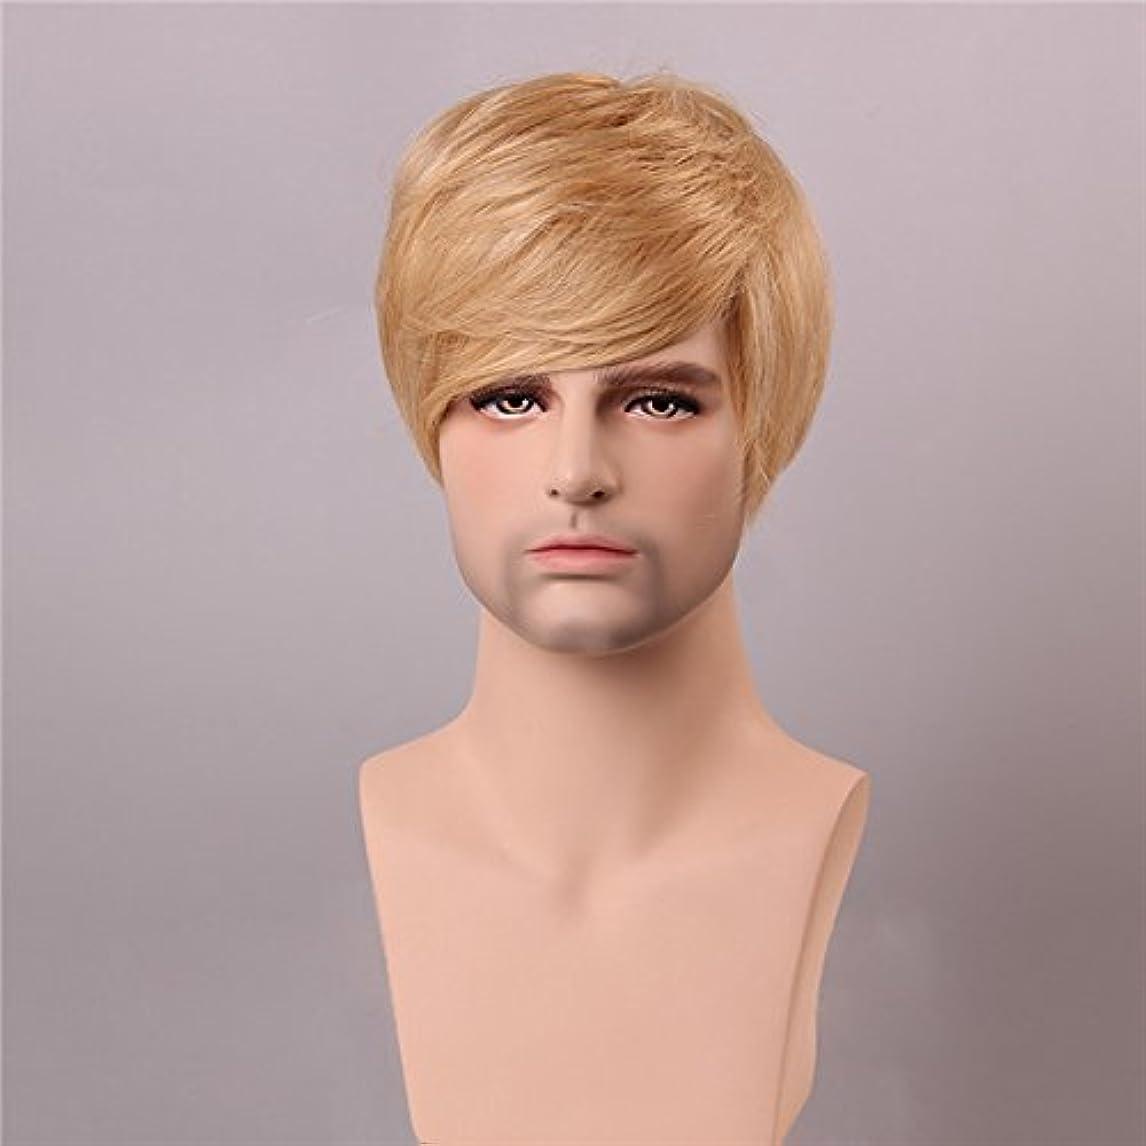 経験的化学石油YZUEYT ブロンドの男性短いモノラルトップの人間の髪のかつら男性のヴァージンレミーキャップレスサイドバング YZUEYT (Size : One size)